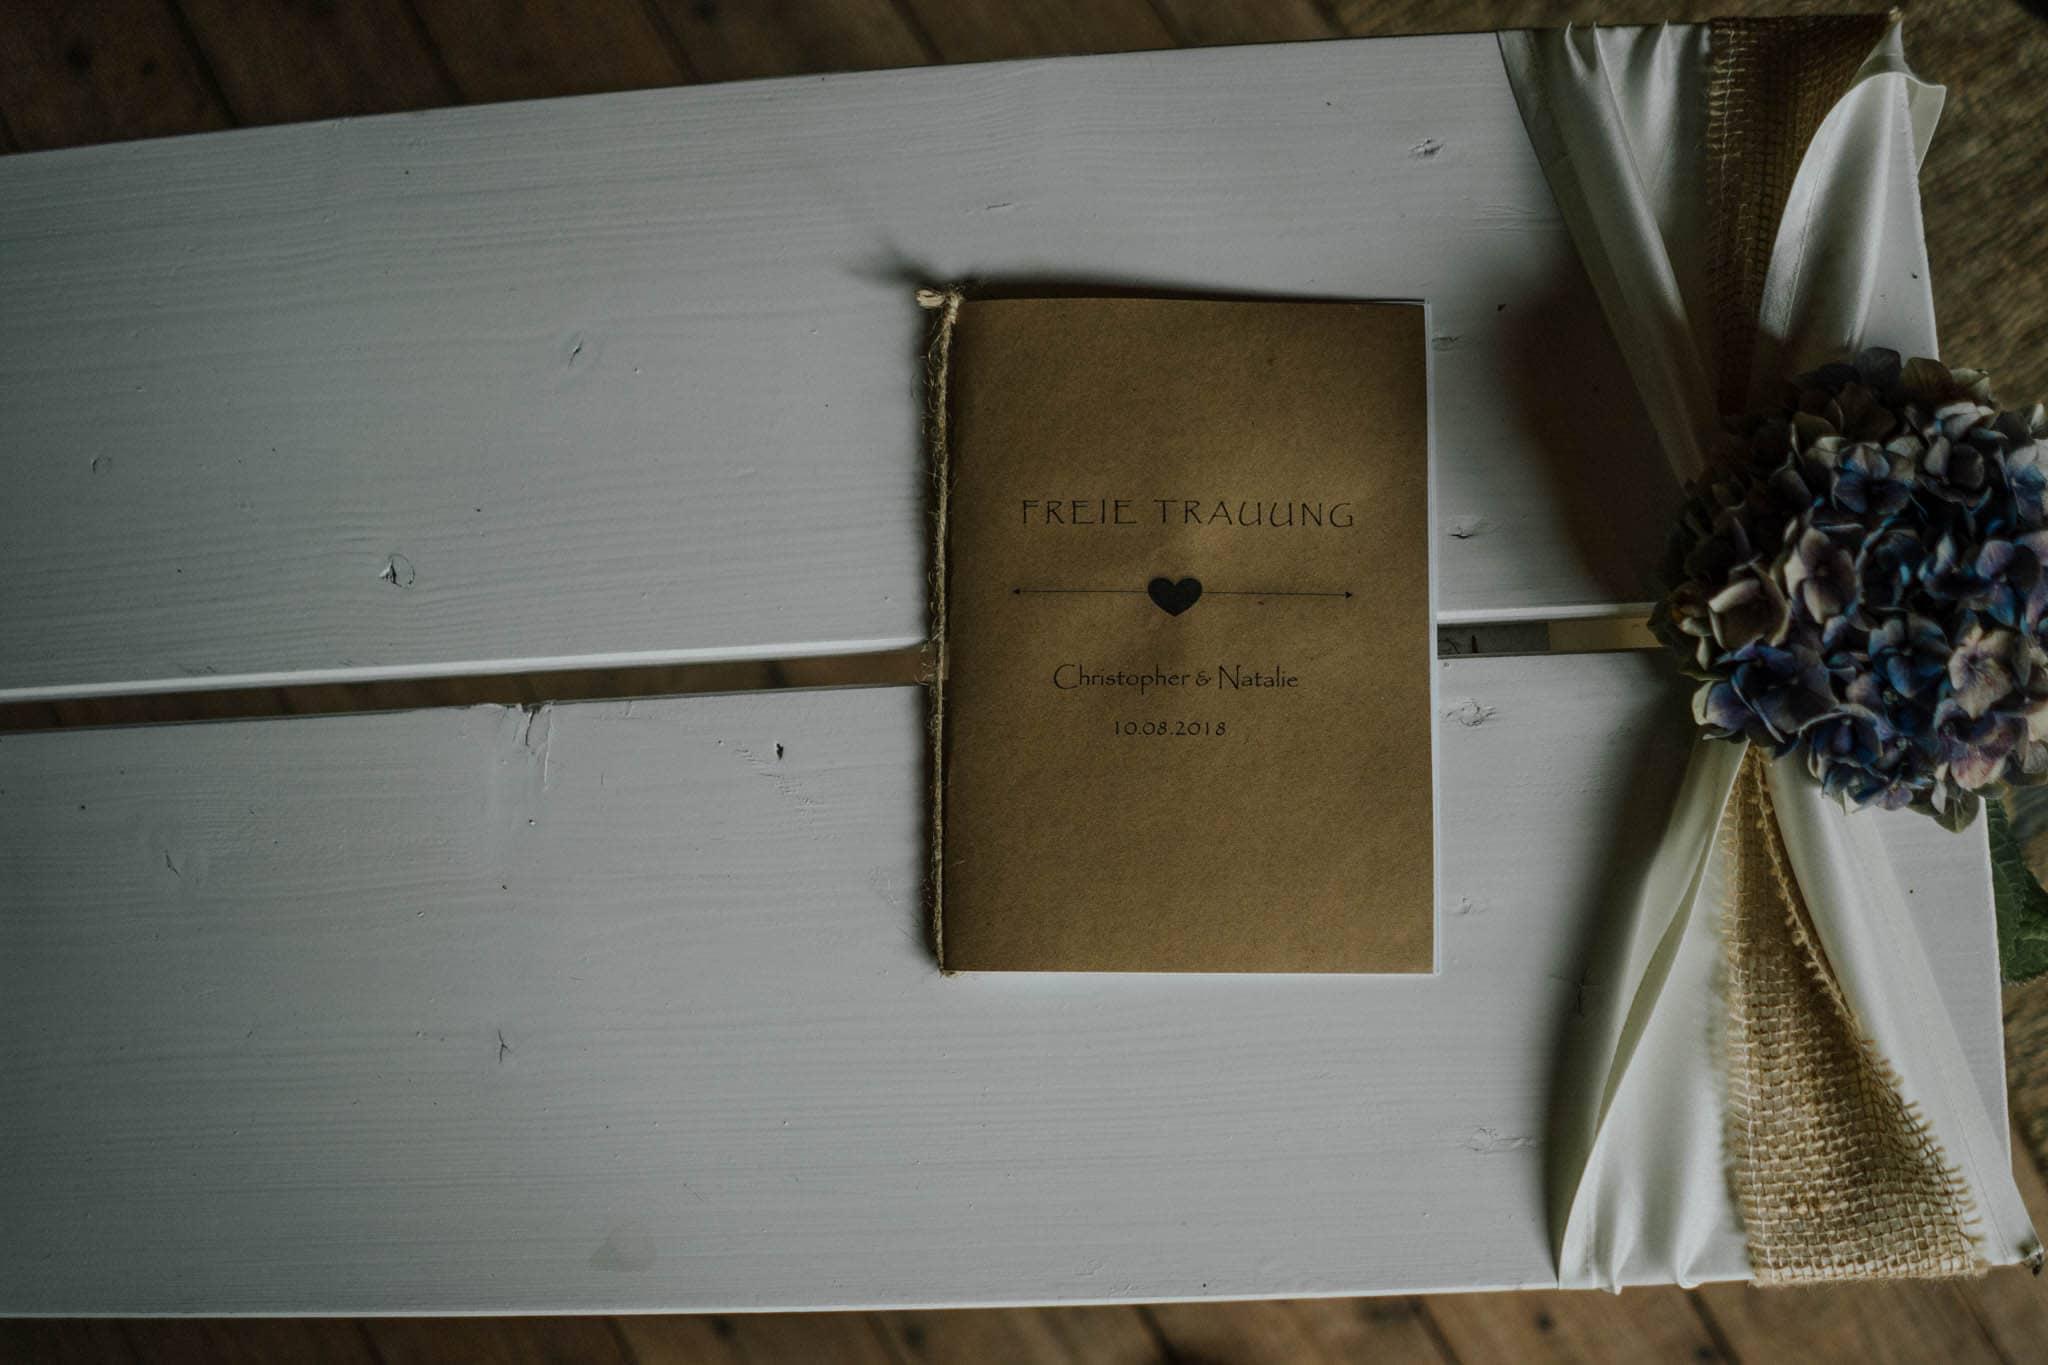 Hochzeitsfieber by Photo-Schomburg, Hoichzeitsfotograf, Hamburg, Wedding, Weddingtime, Hochzeitspaar, Braut, Bräutigam, Hochzeit im Norden,-63